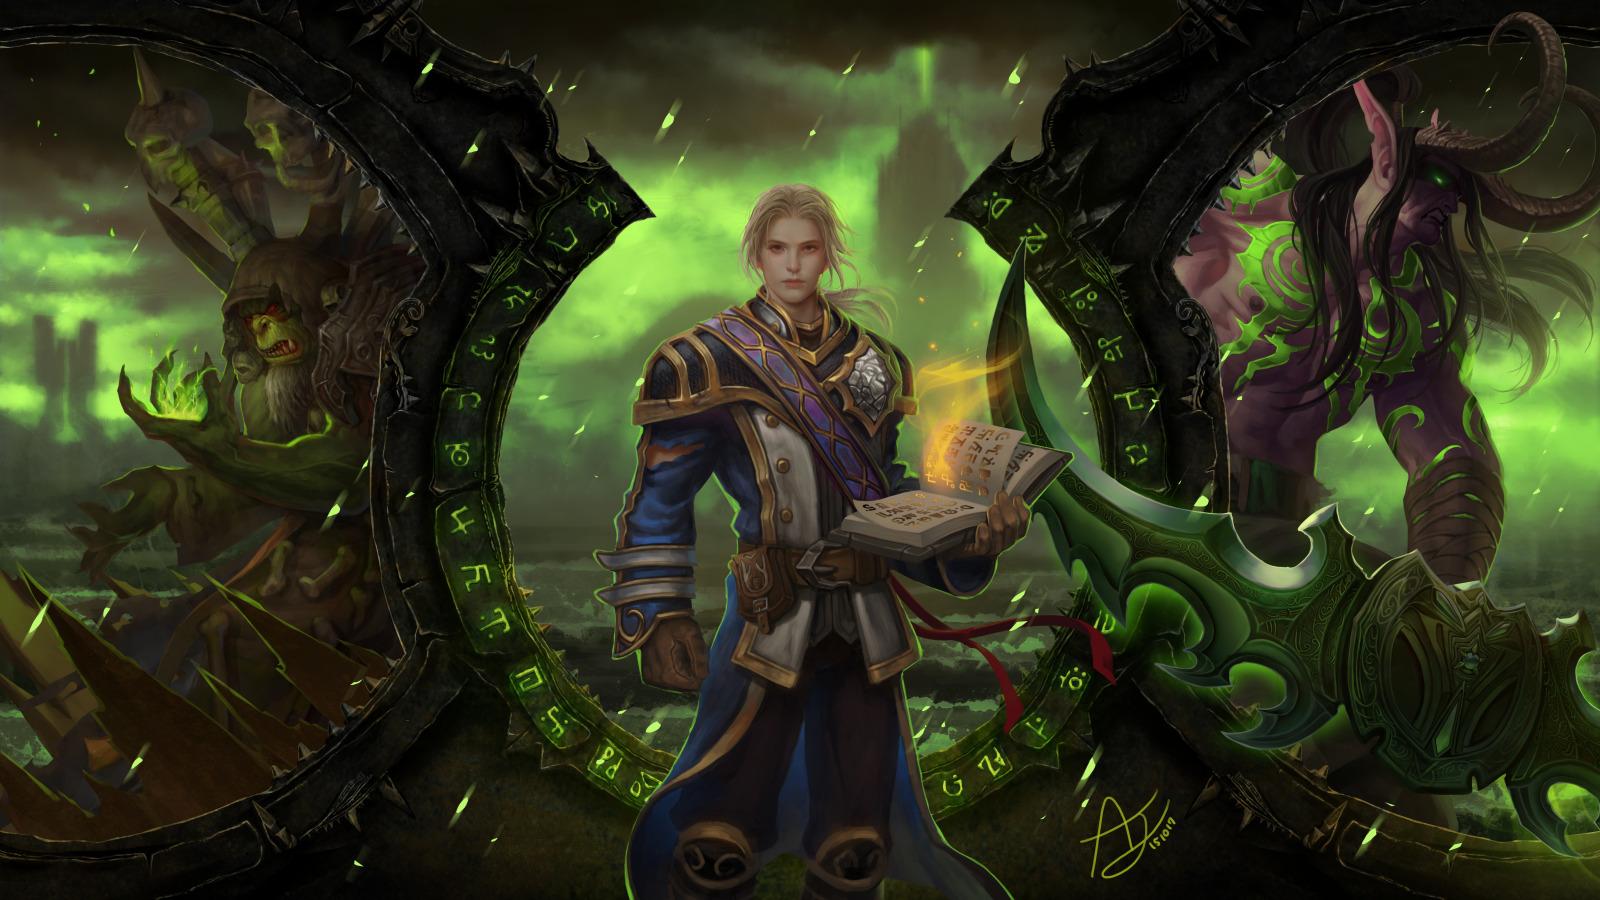 World of warcraft — дата выхода, системные требования и обзор игры.